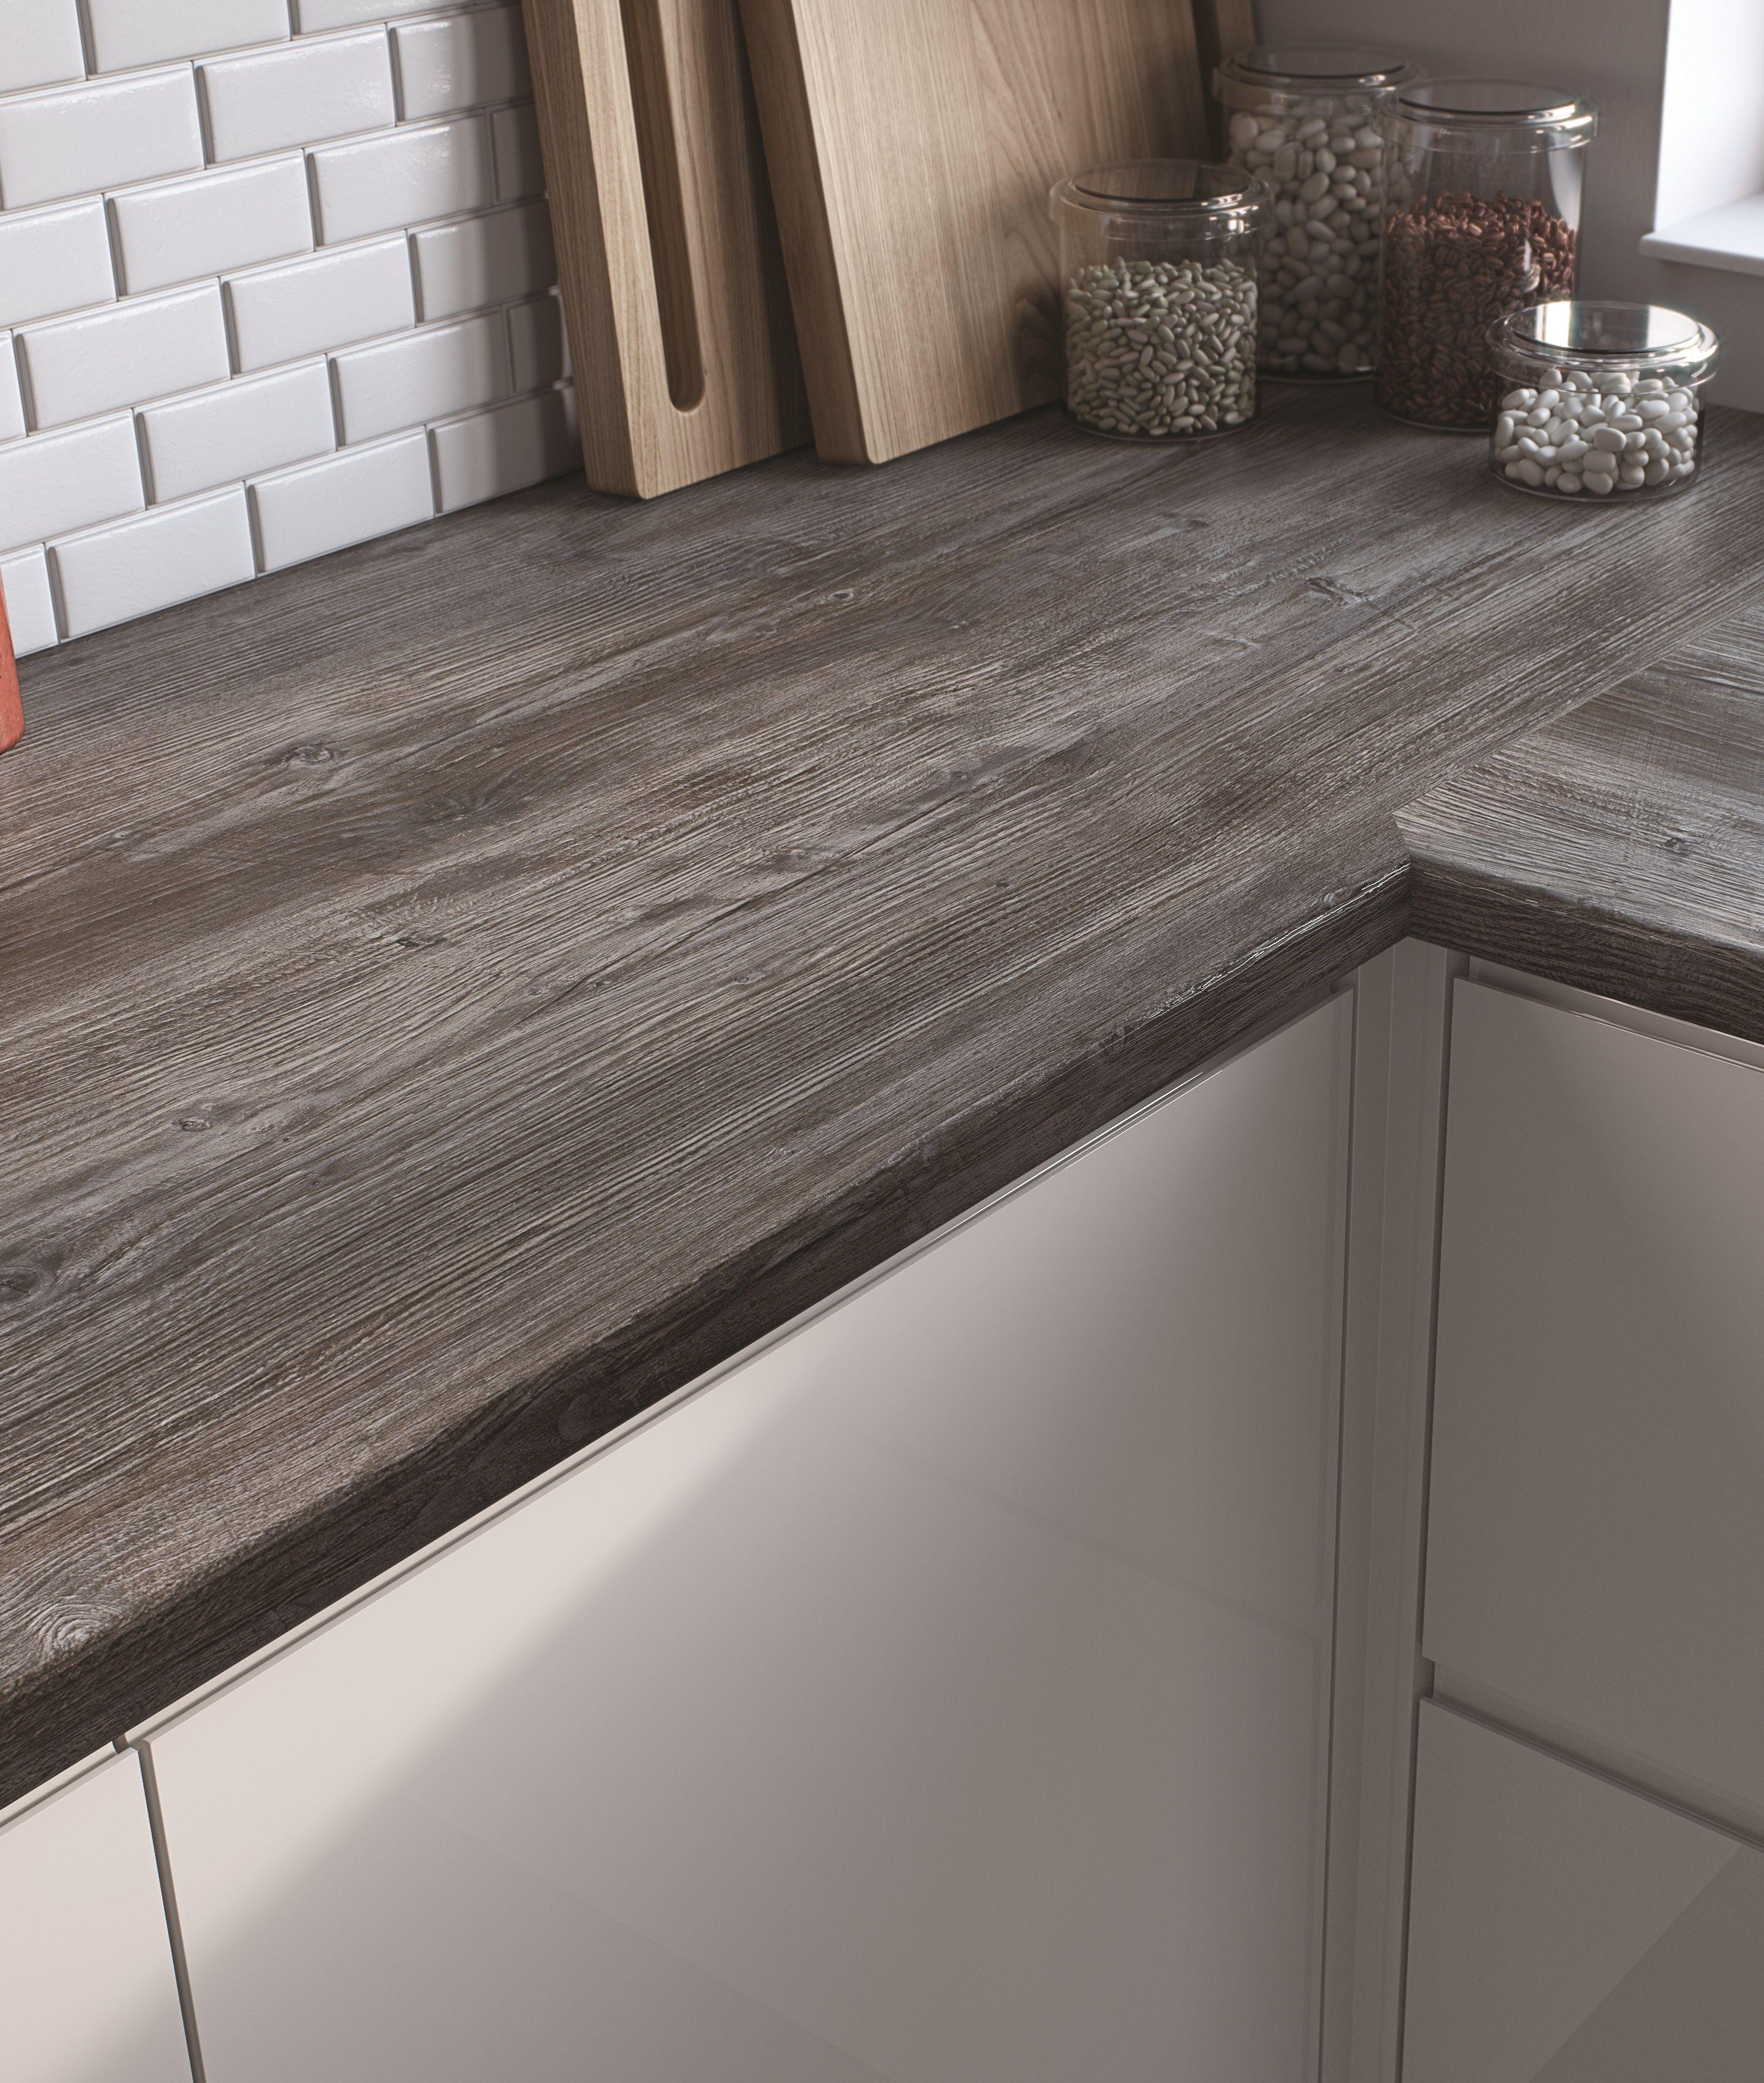 EGGER Kitchen. Worktop H1486 ST36 Jackson Pine Thanks to